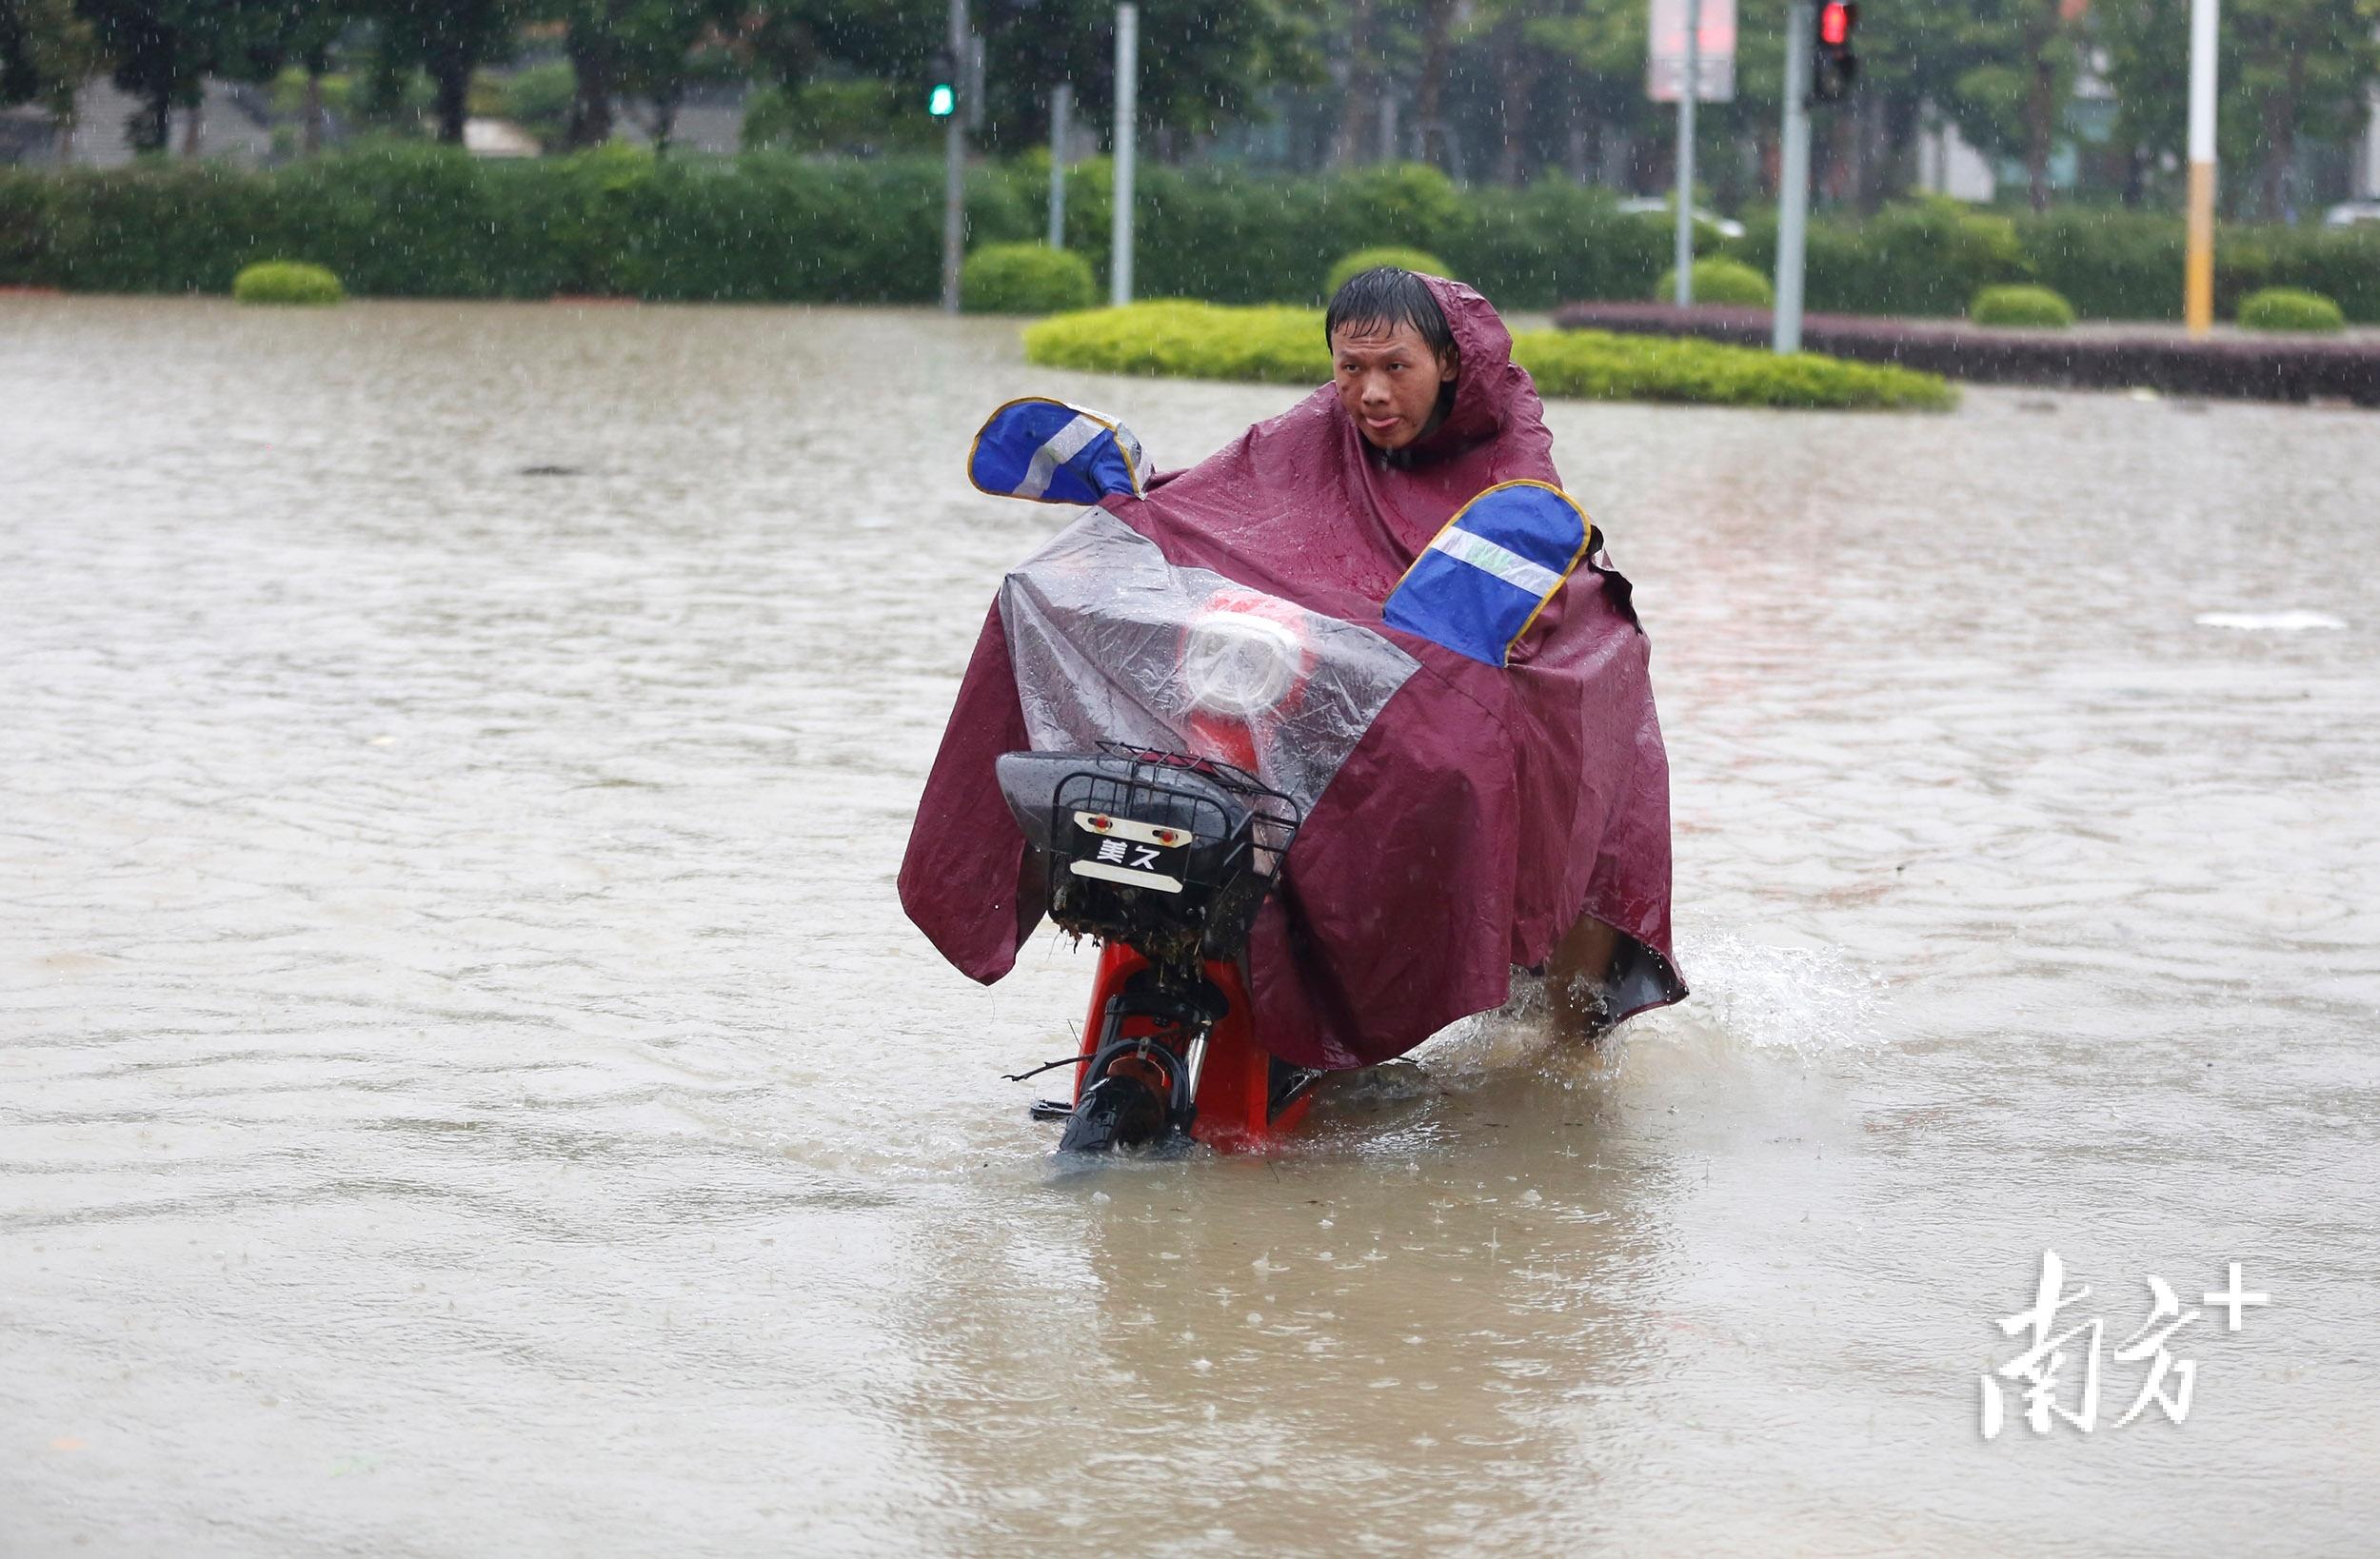 10月10日11时15分,三乡镇景观大道,男子推着电动车从积水中走过。 南方+ 叶志文 摄